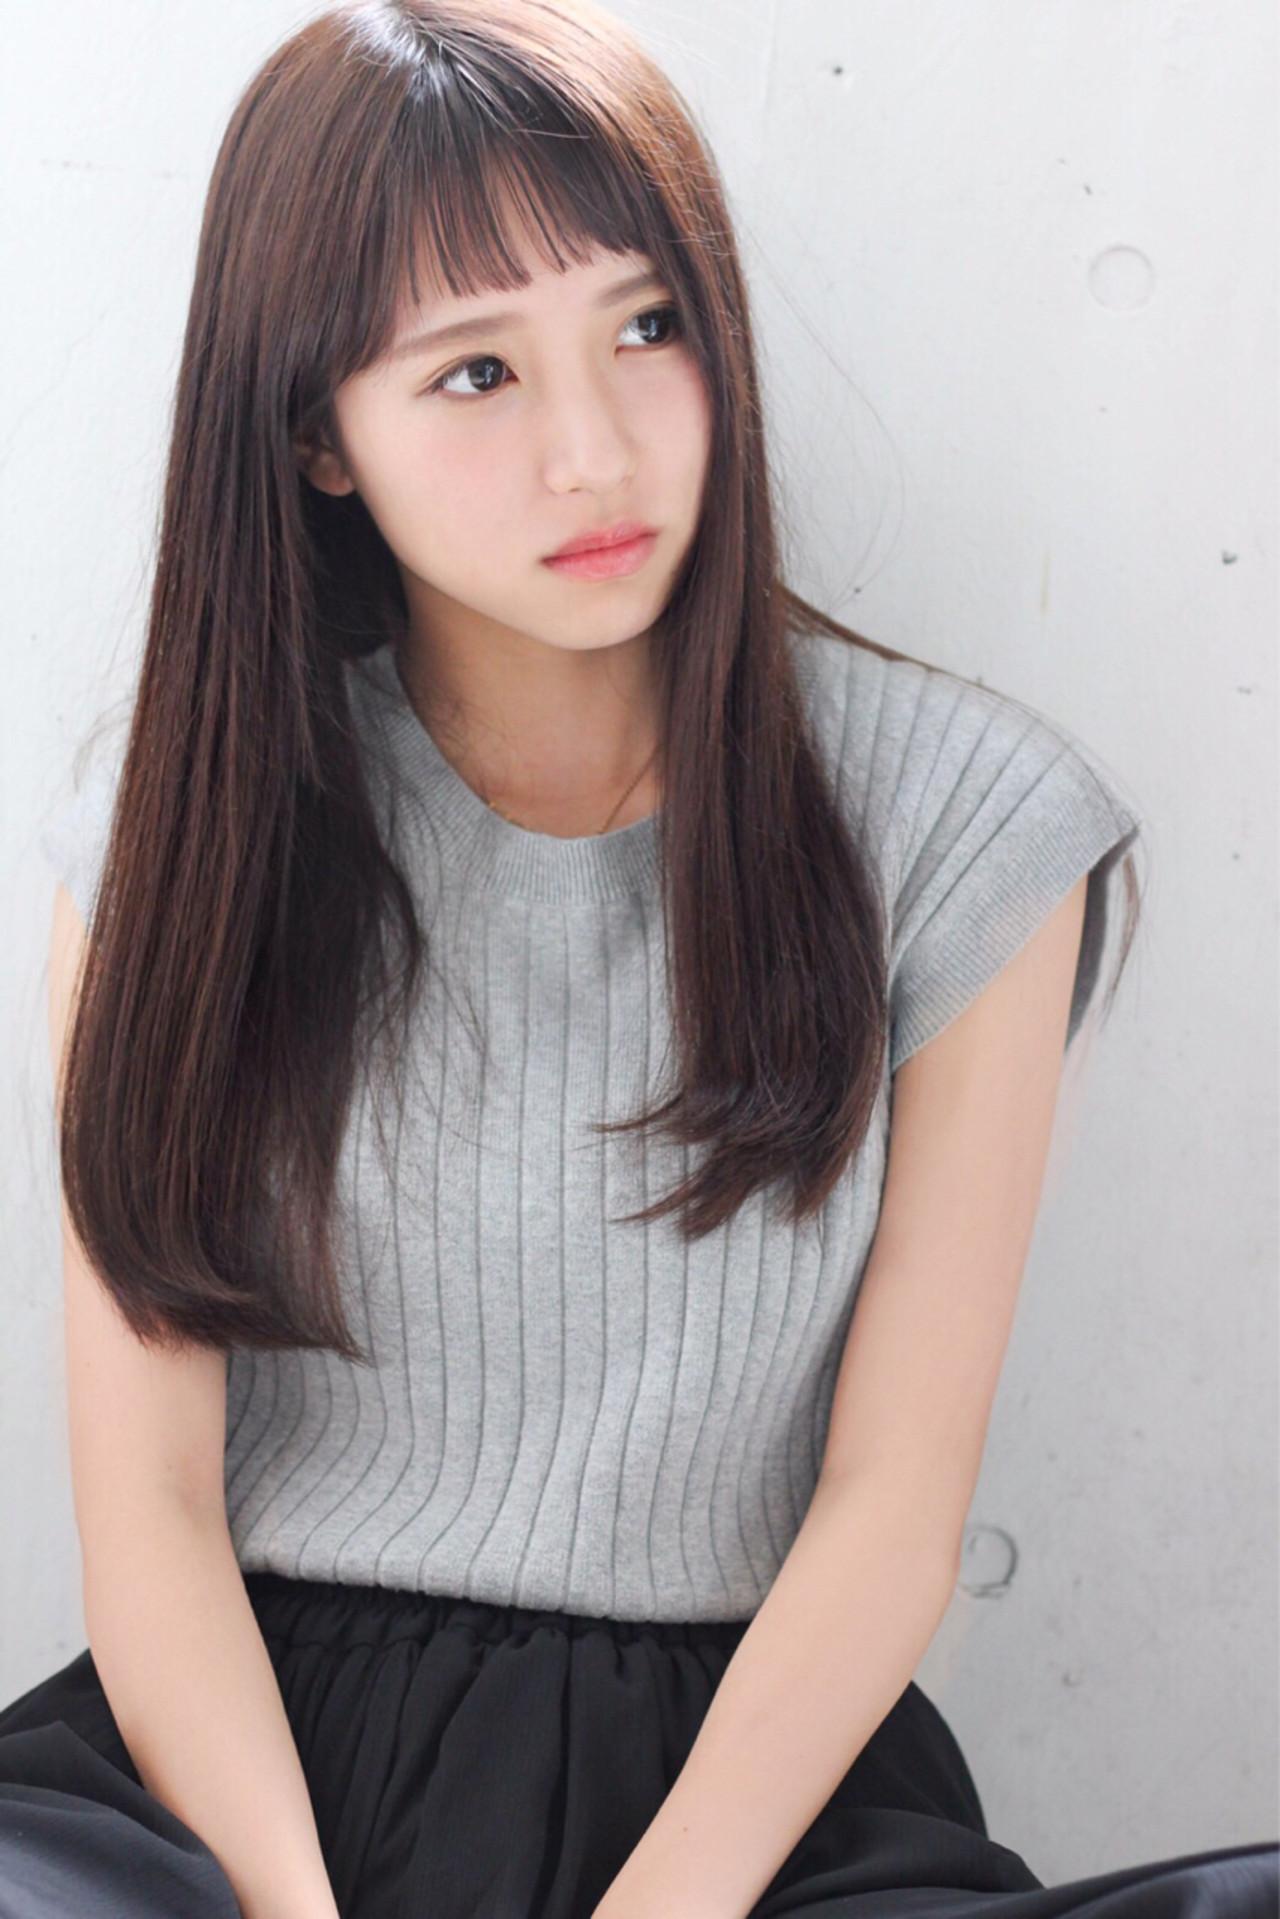 【男子ウケバツグン!】人気の髪型、ストレートヘアに挑戦しよう♡ 渡辺 香子